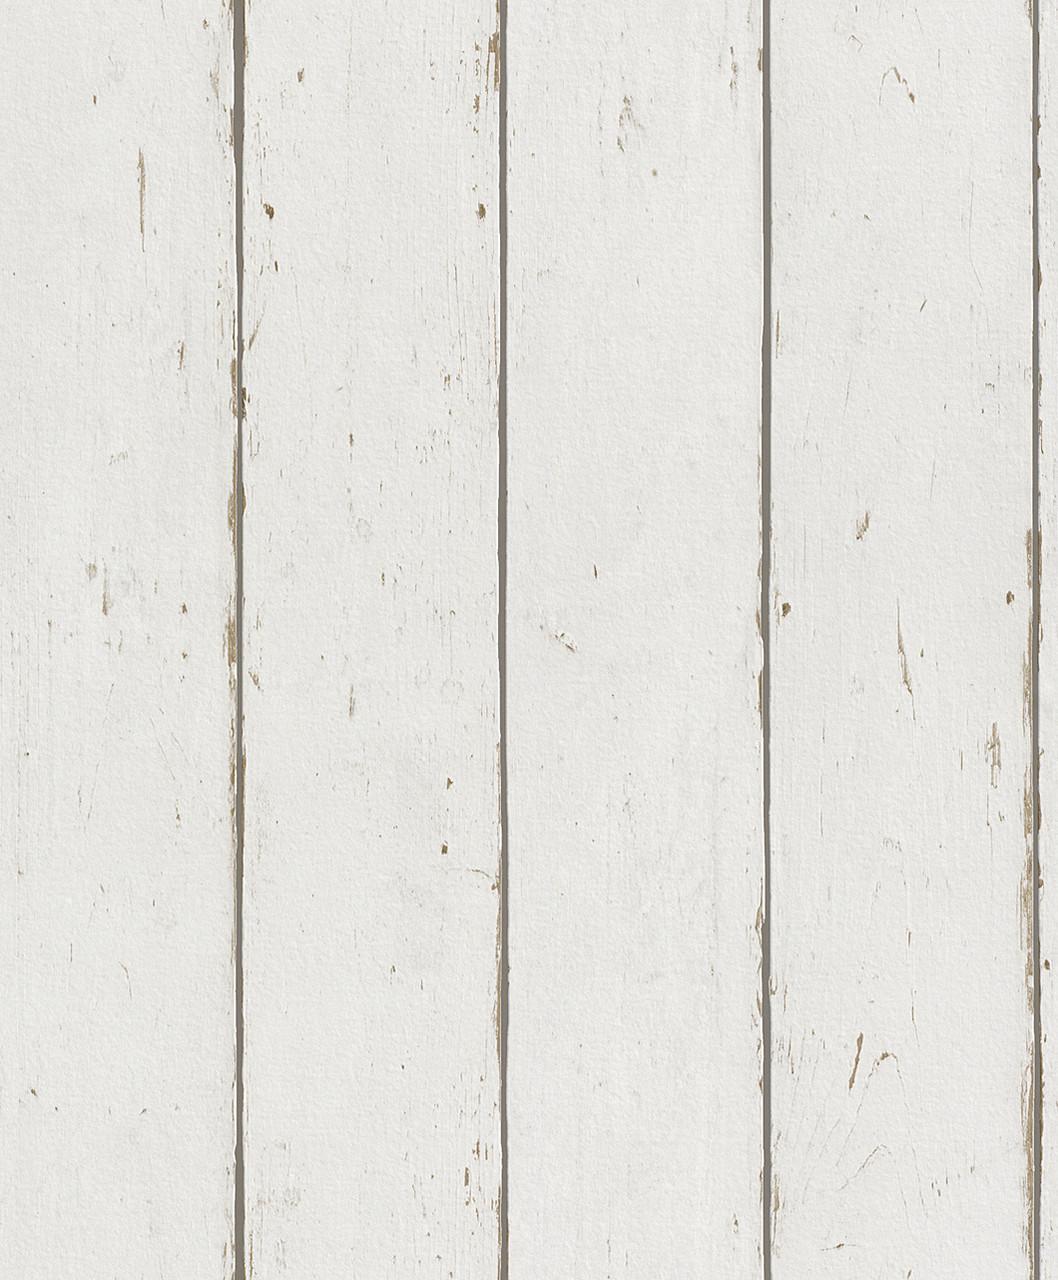 Флизелиновые обои RASCH BARBARA BECKER 5 479638 Белые